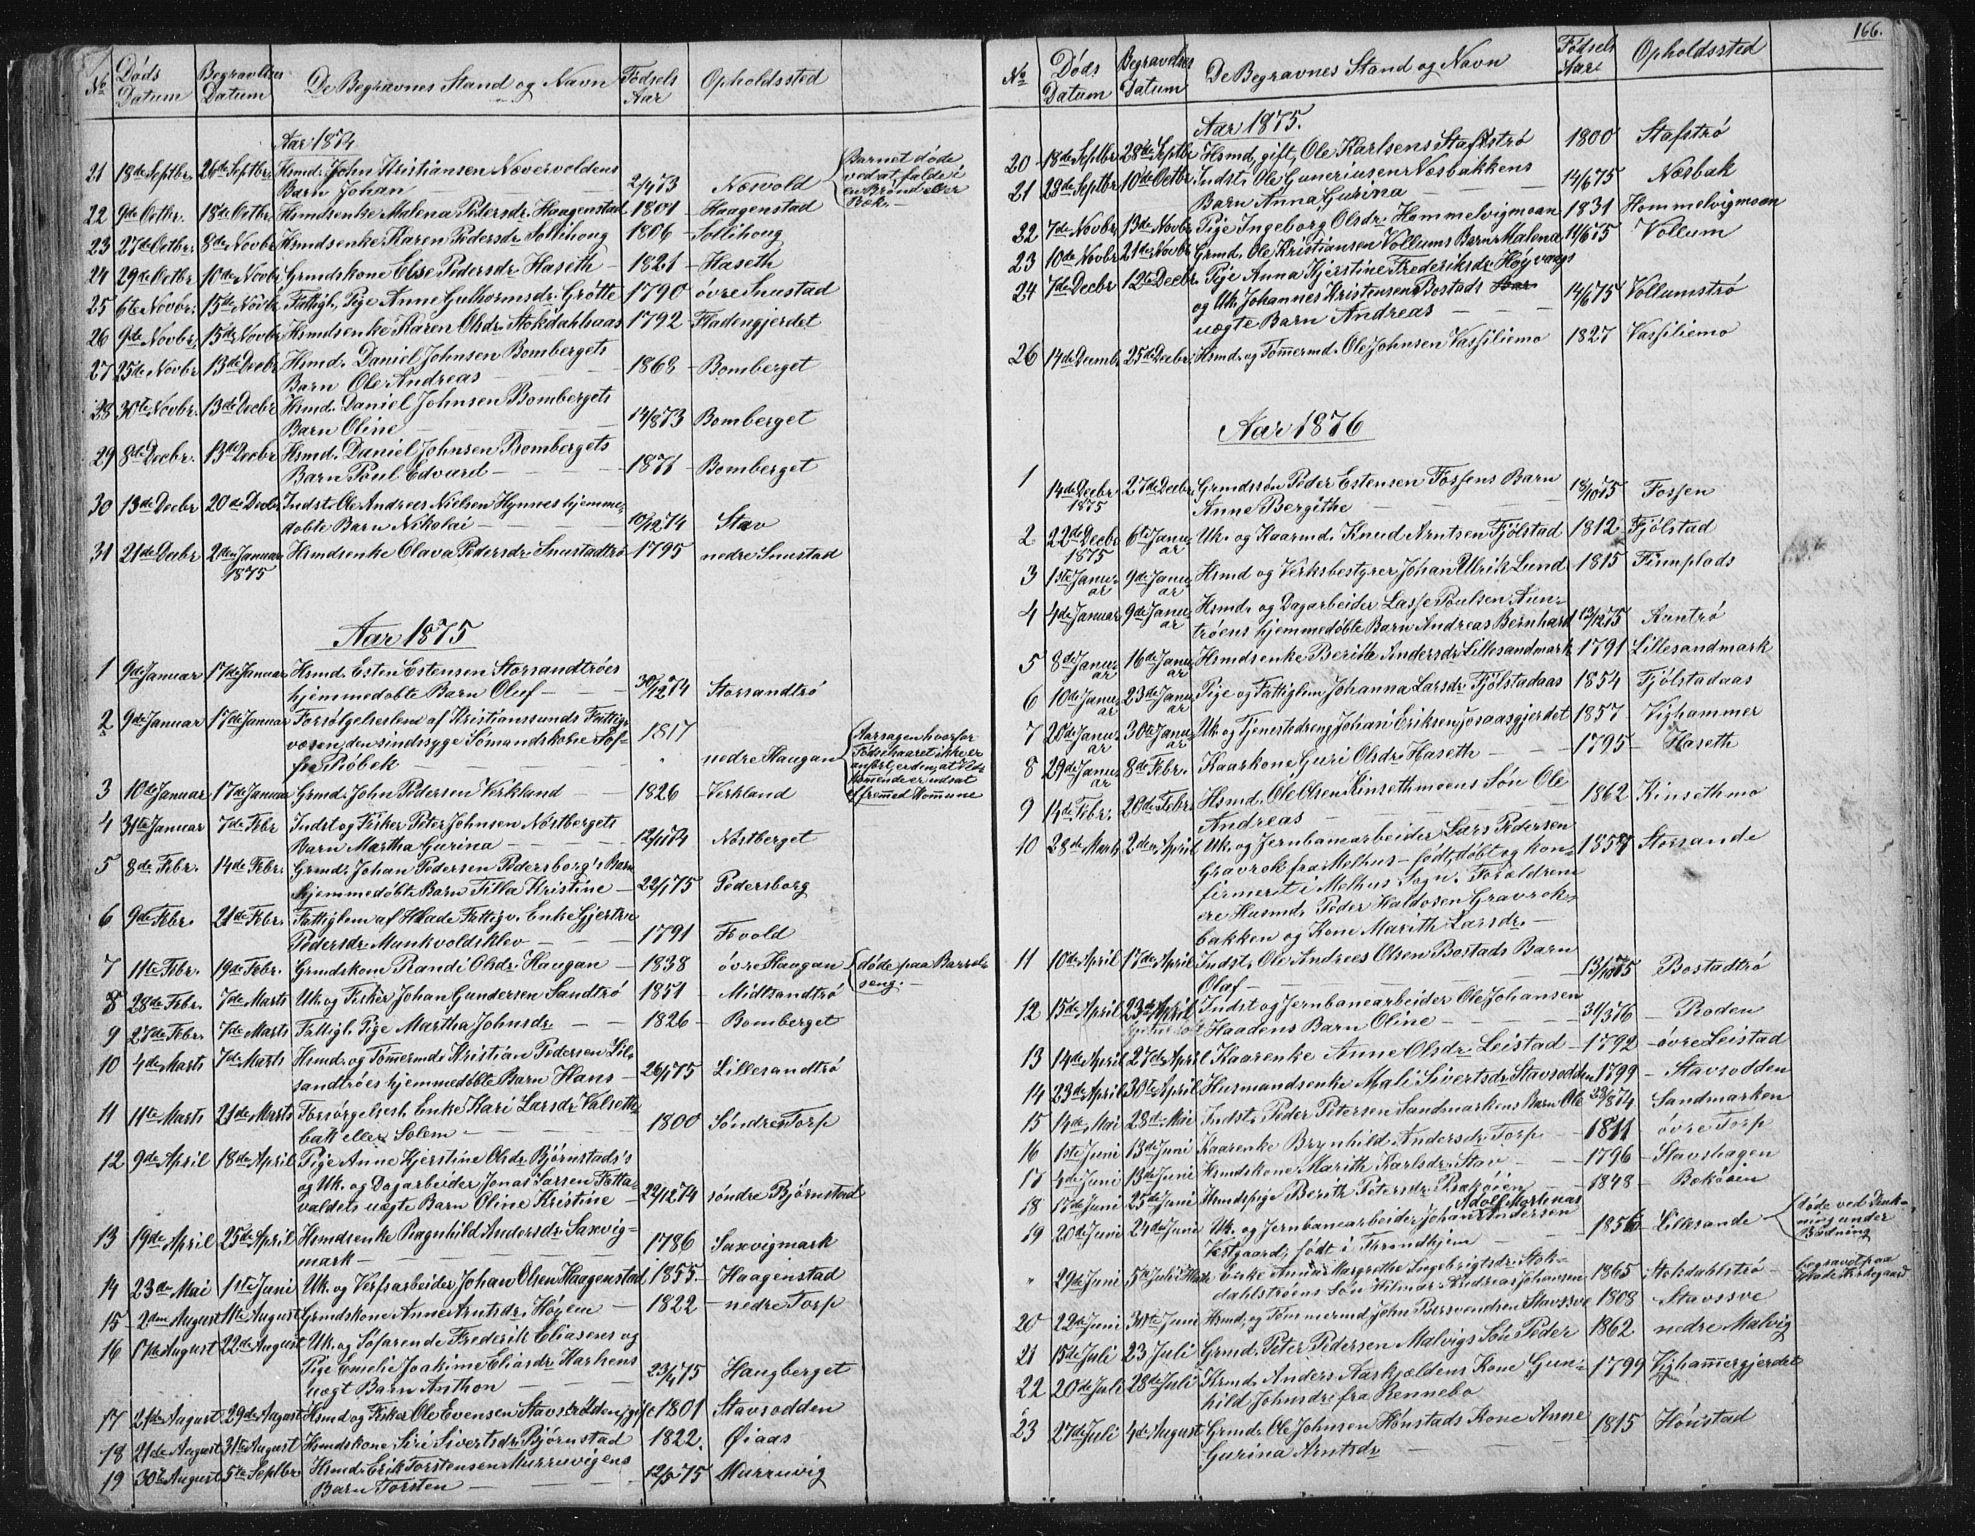 SAT, Ministerialprotokoller, klokkerbøker og fødselsregistre - Sør-Trøndelag, 616/L0406: Ministerialbok nr. 616A03, 1843-1879, s. 166